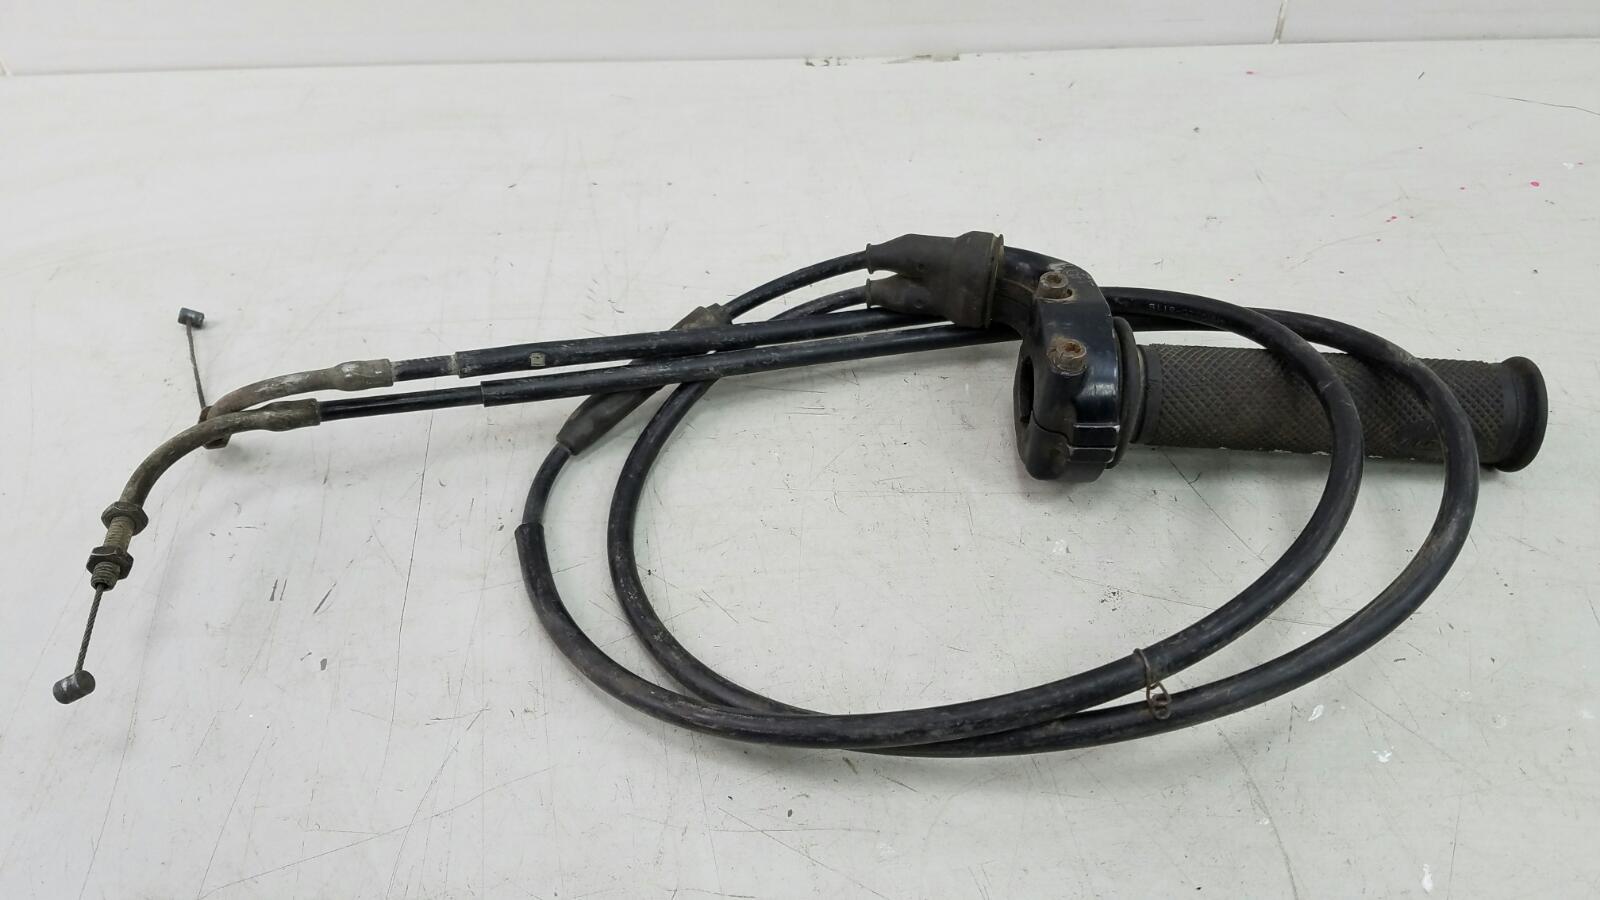 Ручка газа с тросиками Yamaha Xjr 400 1998г